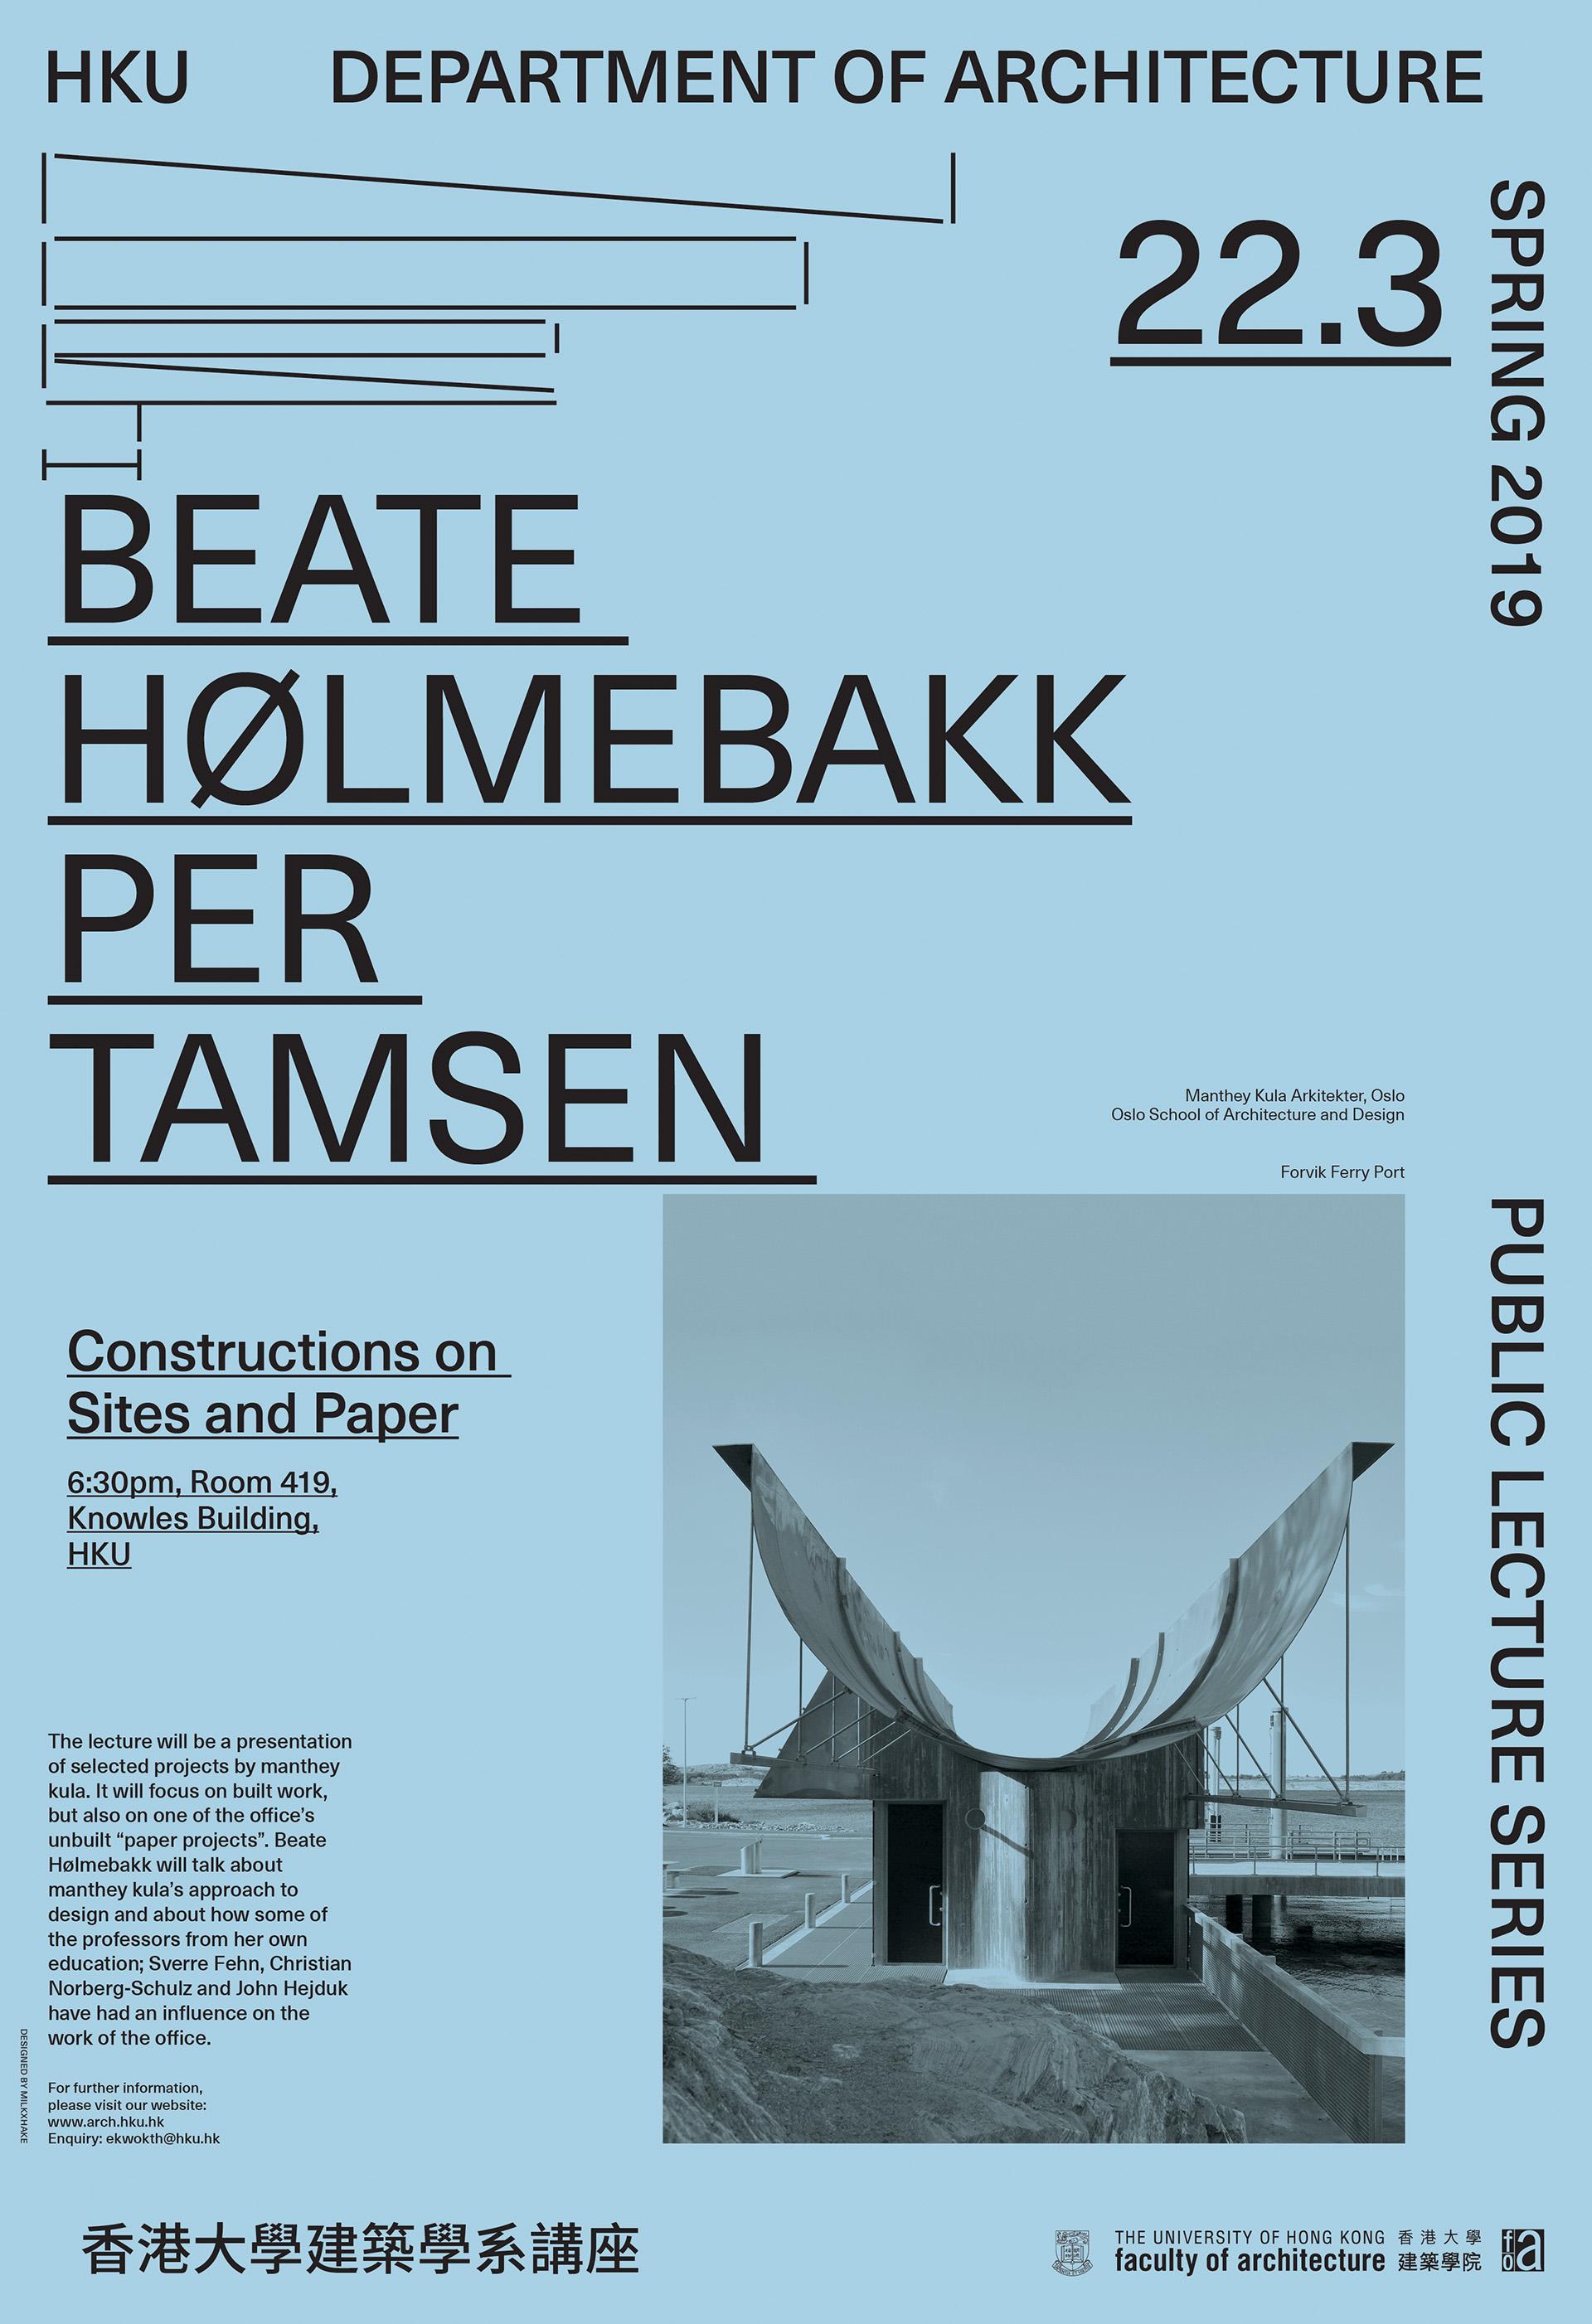 Beate Hølmebakk & Per Tamsen